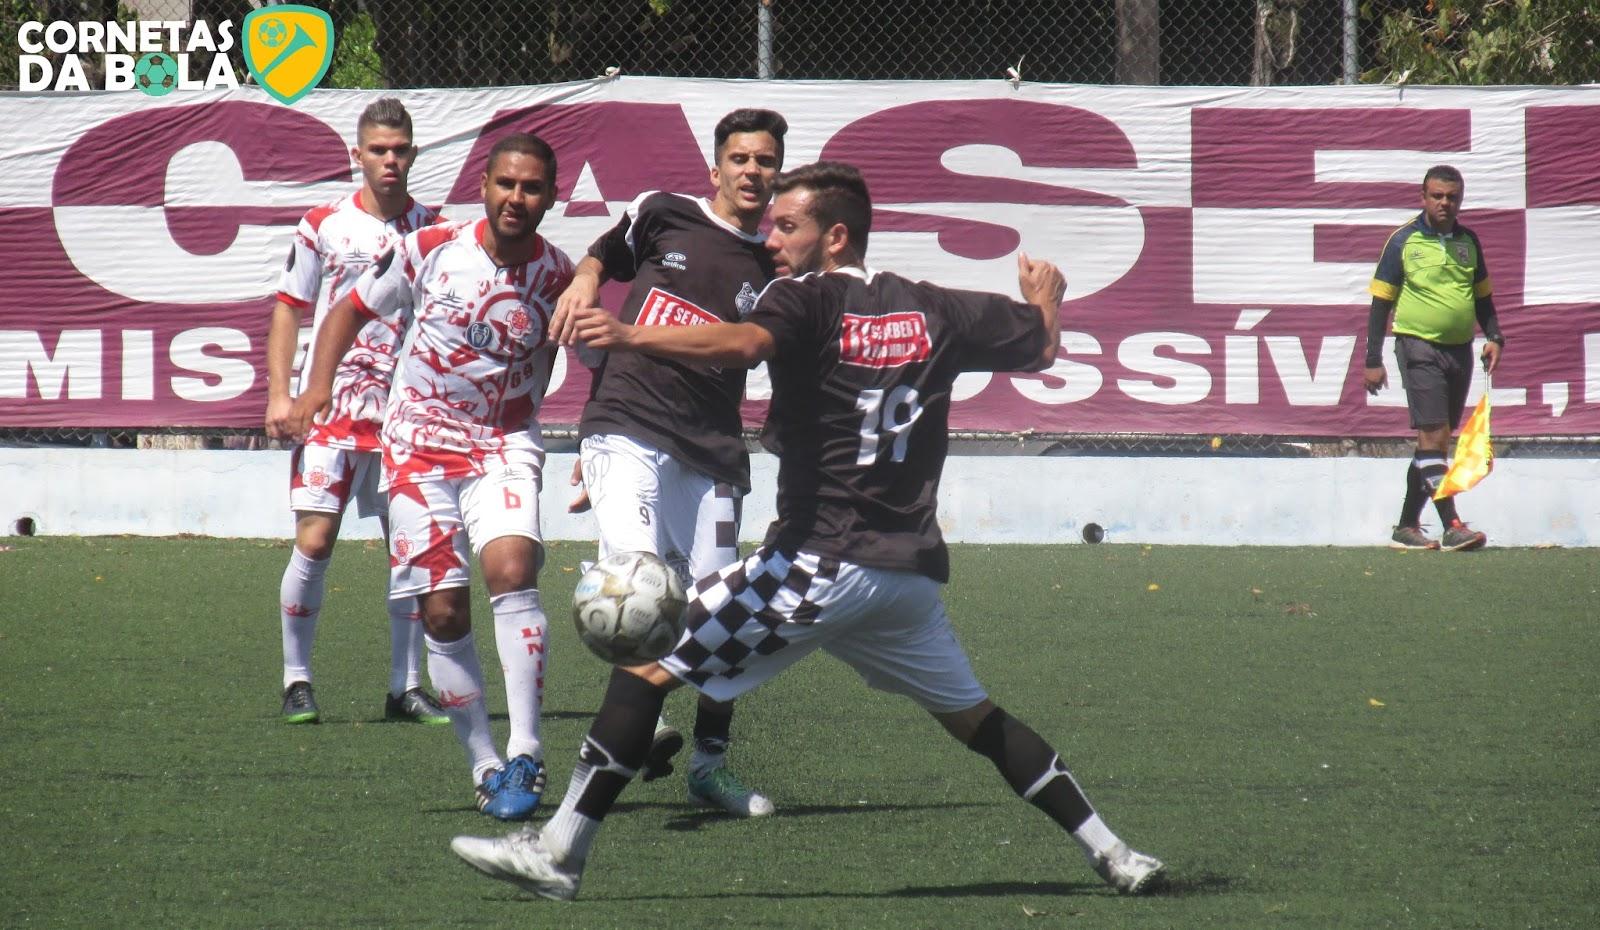 d1650de275 ... confronto foi entre as equipes da SE Ponte Preta do Jardim Mirna que  bateu por 2 a 1 o AE Santa Amélia